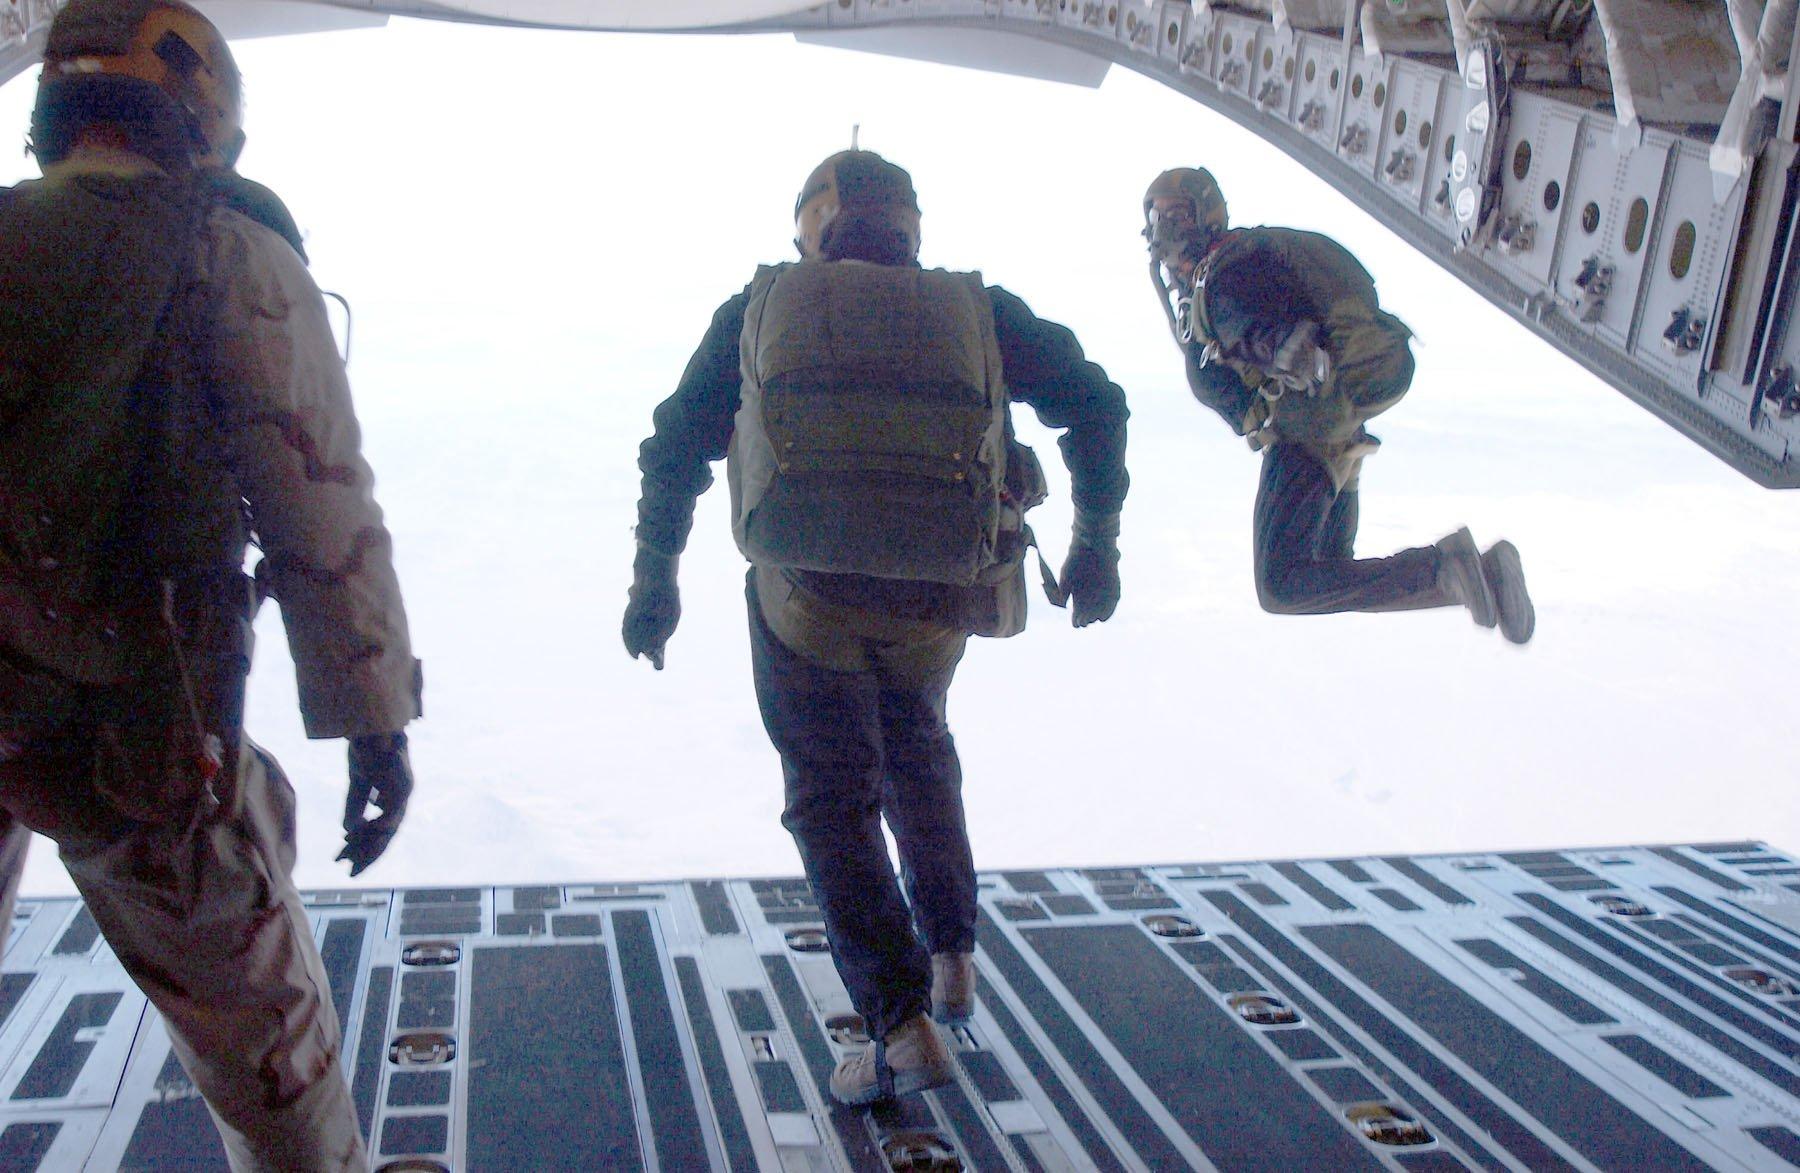 Độ cao để nhảy dù trong quân sự là bao nhiêu? 7